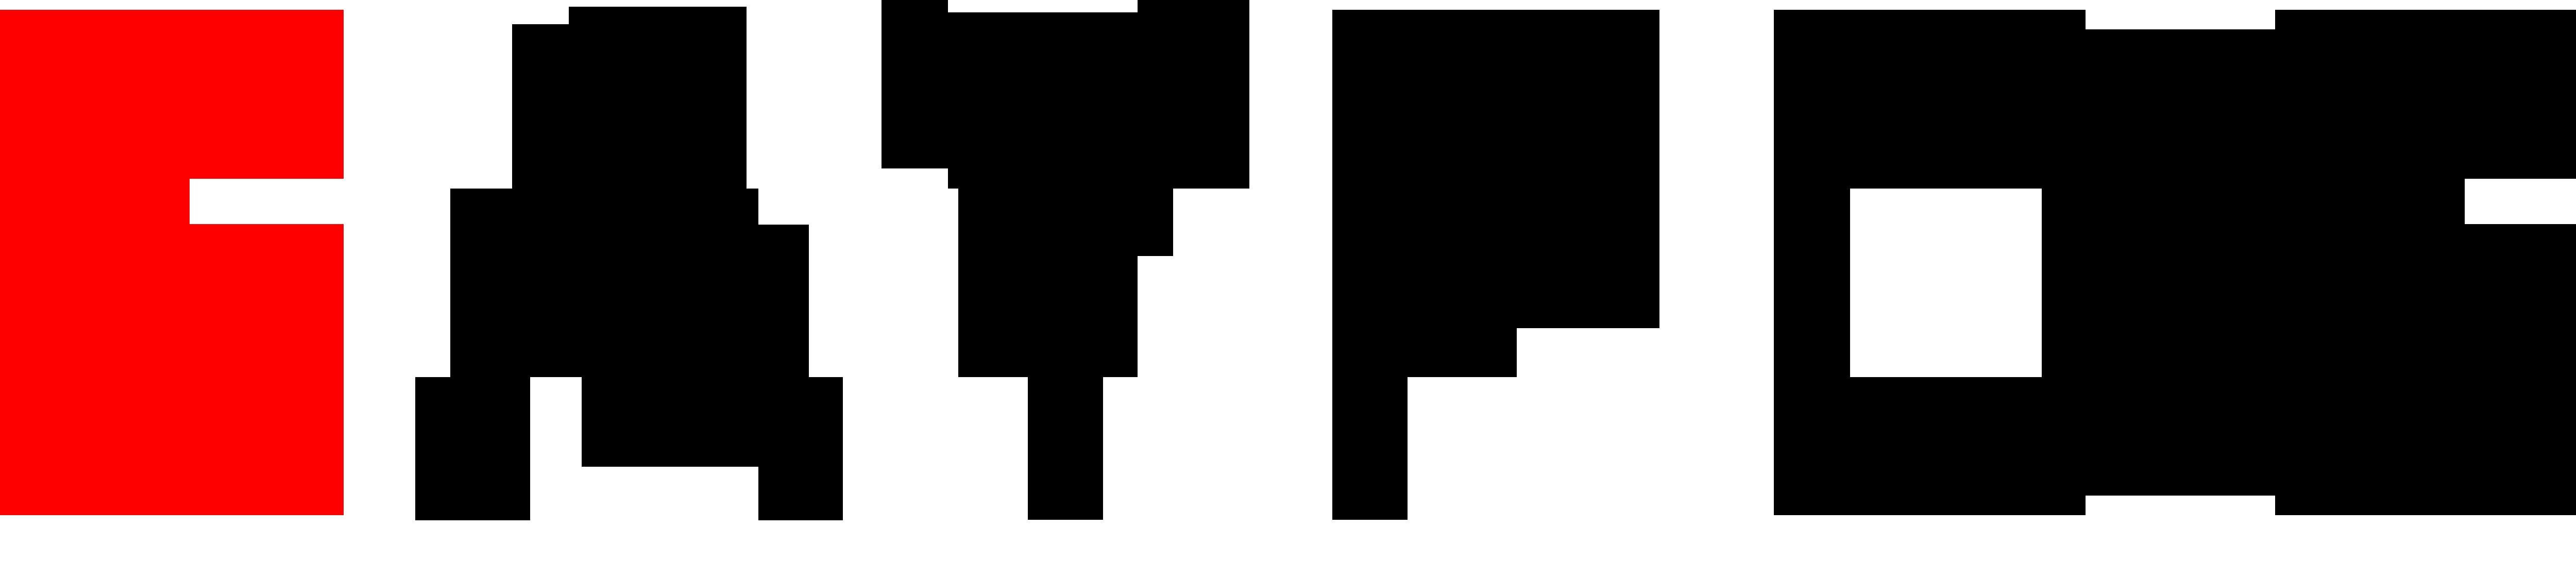 E Dinamik Bilişim Teknolojileri San. ve Tic. Ltd. Şti.